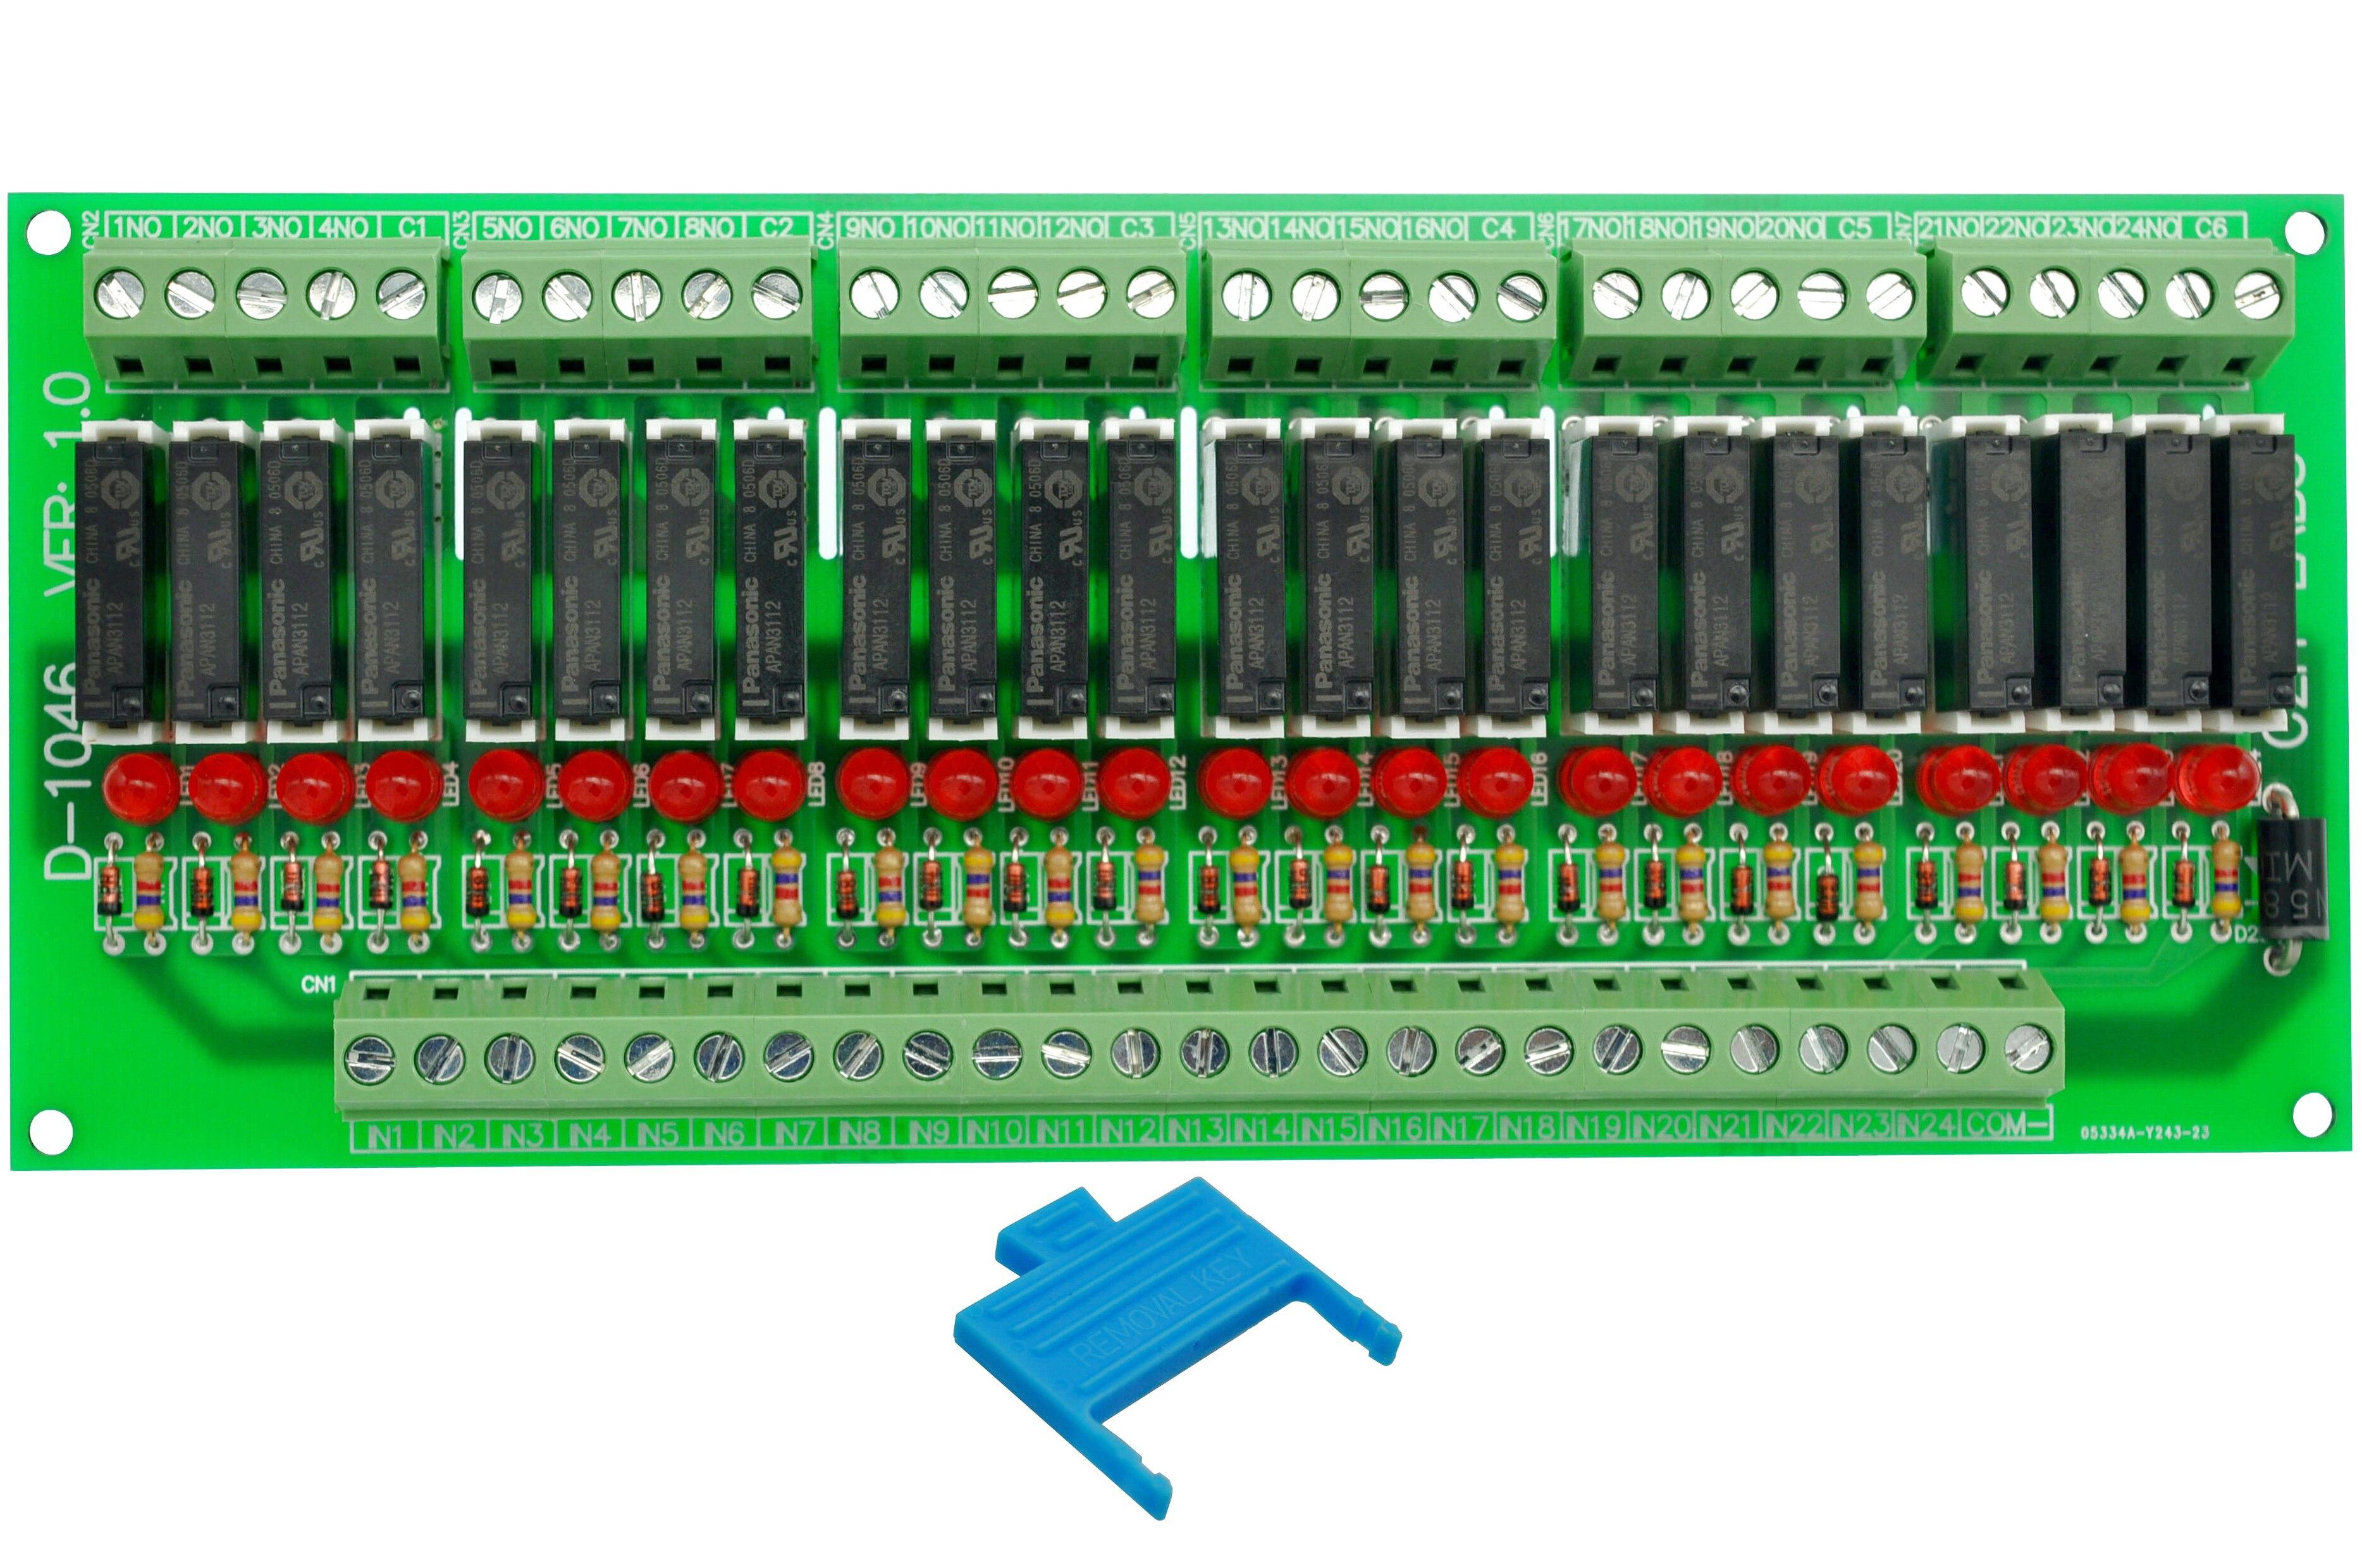 Slim Panel Mount DC12V Source/PNP 24 SPST-NO 5A Power Relay Module, APAN3112Slim Panel Mount DC12V Source/PNP 24 SPST-NO 5A Power Relay Module, APAN3112